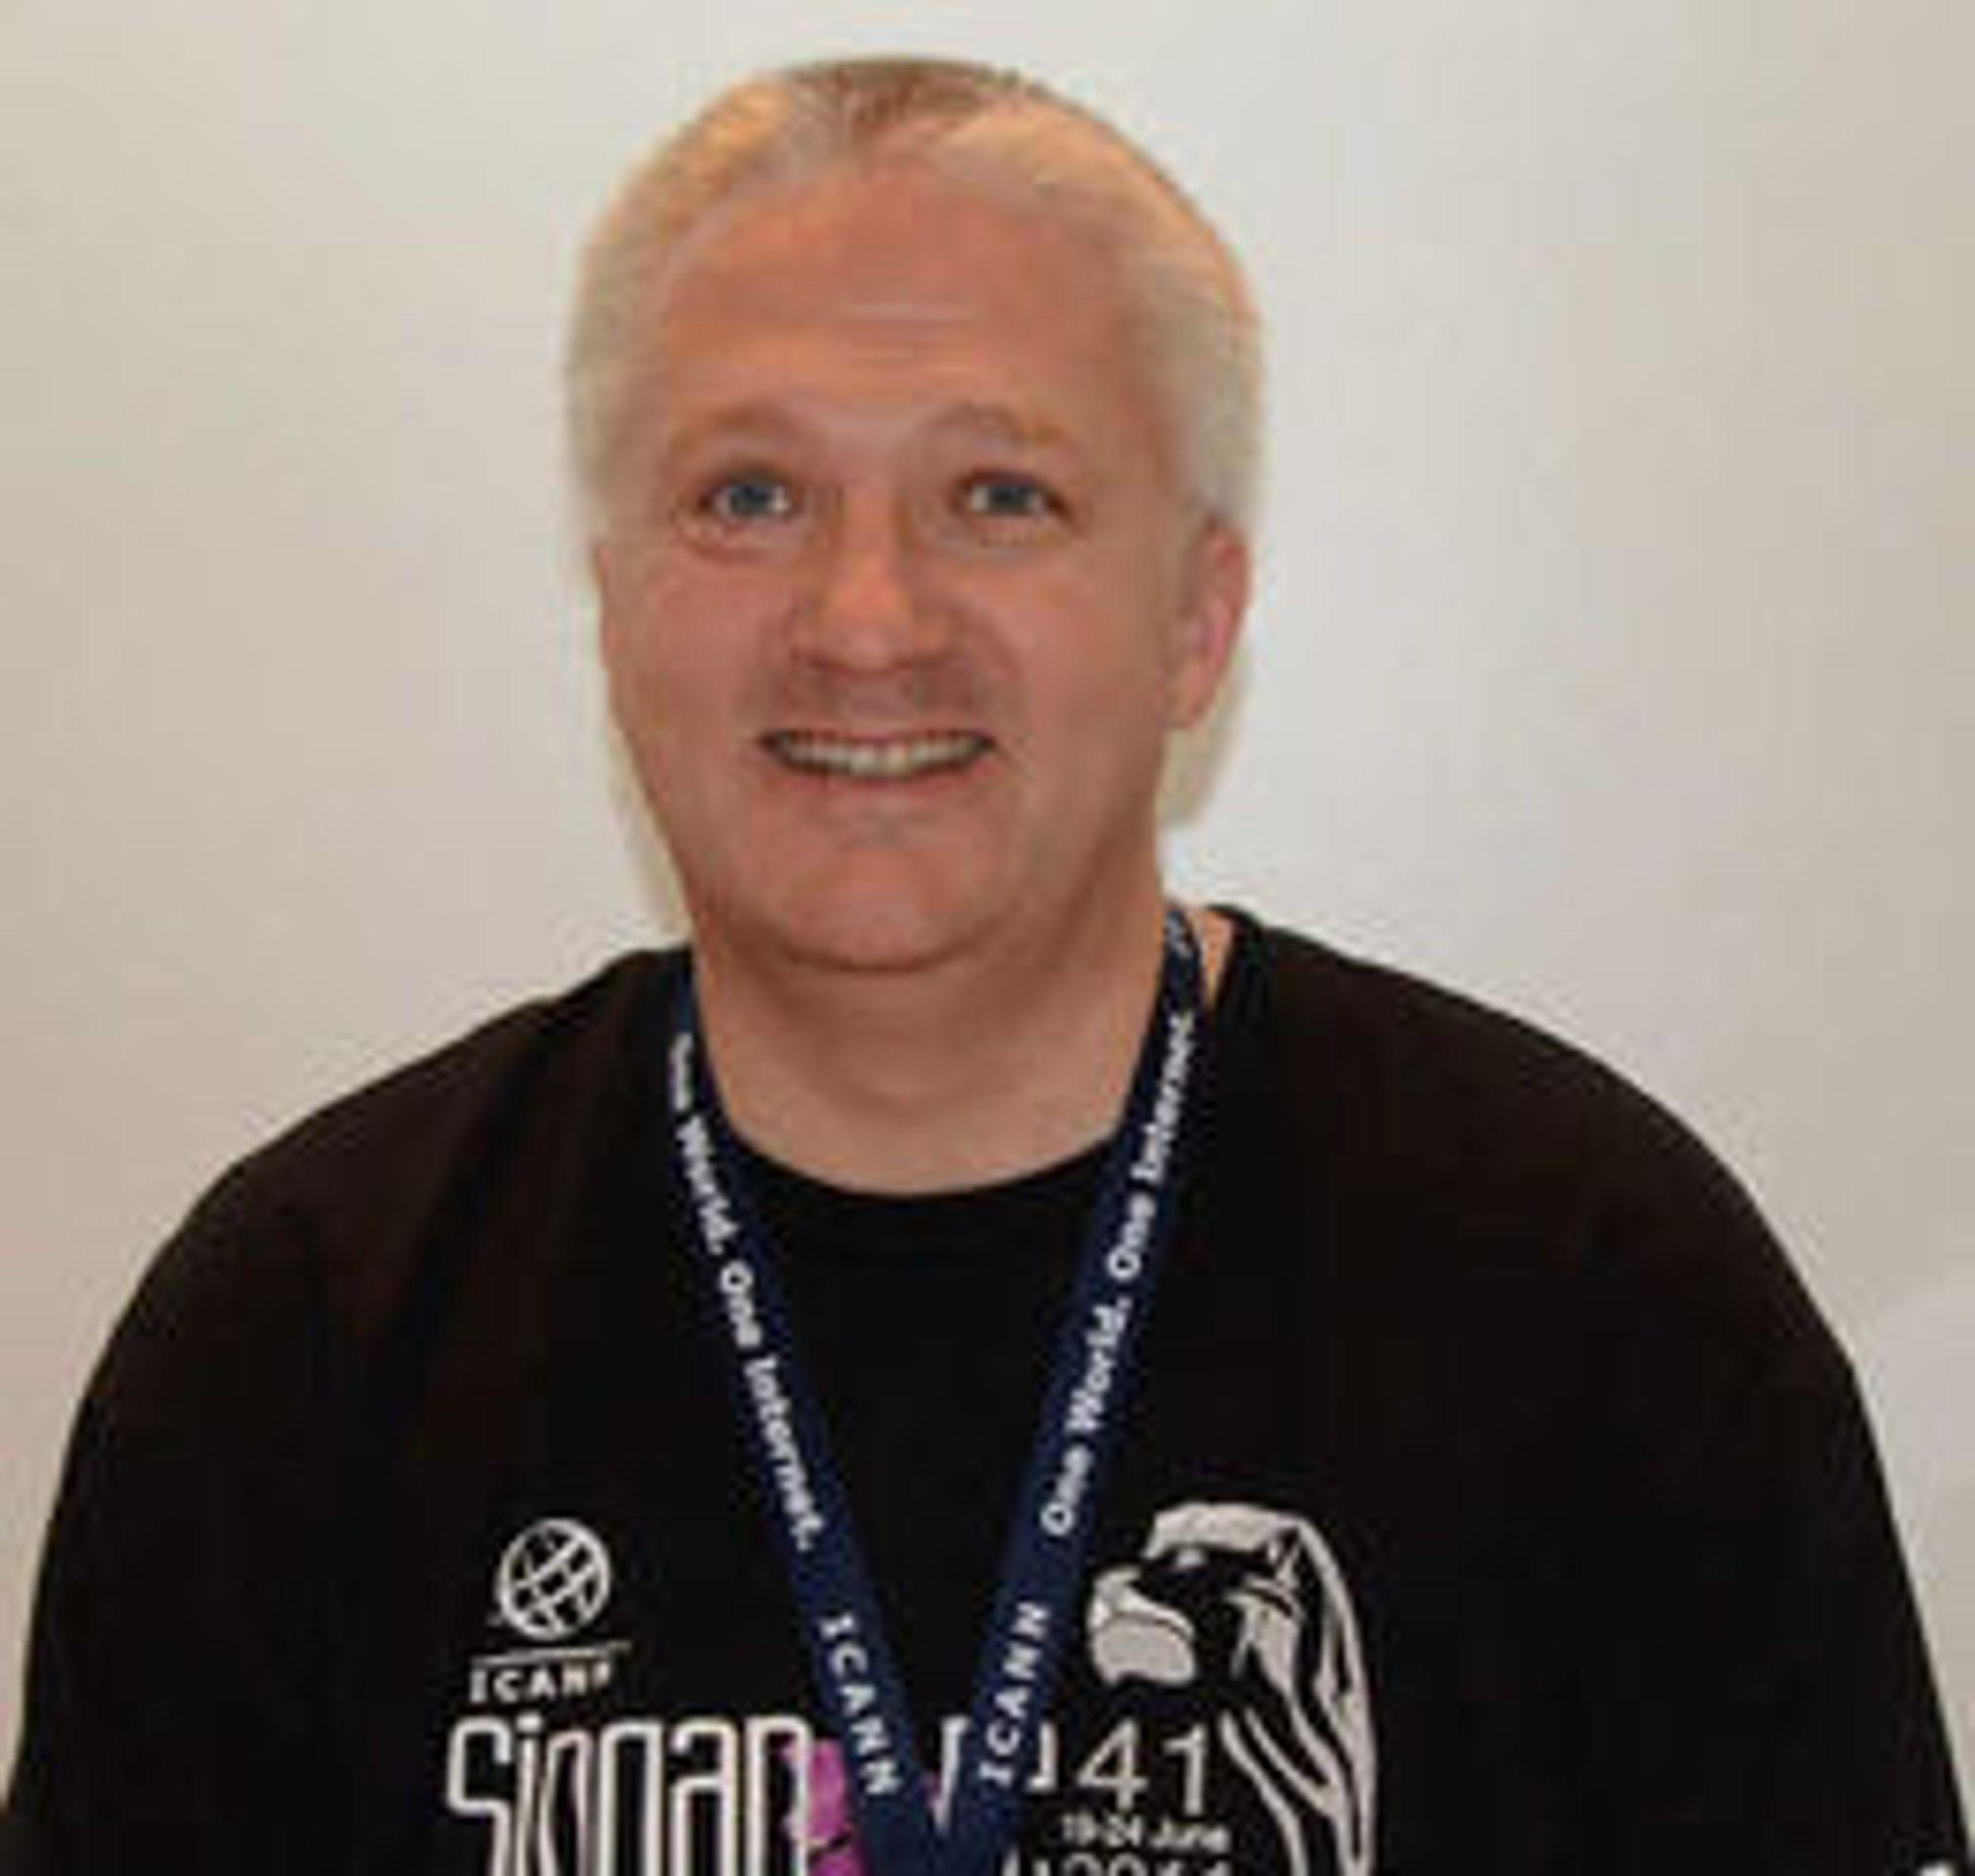 Hans Petter Holen blir ny leder for RIPE. Til daglig er han IT-direktør i Visma.